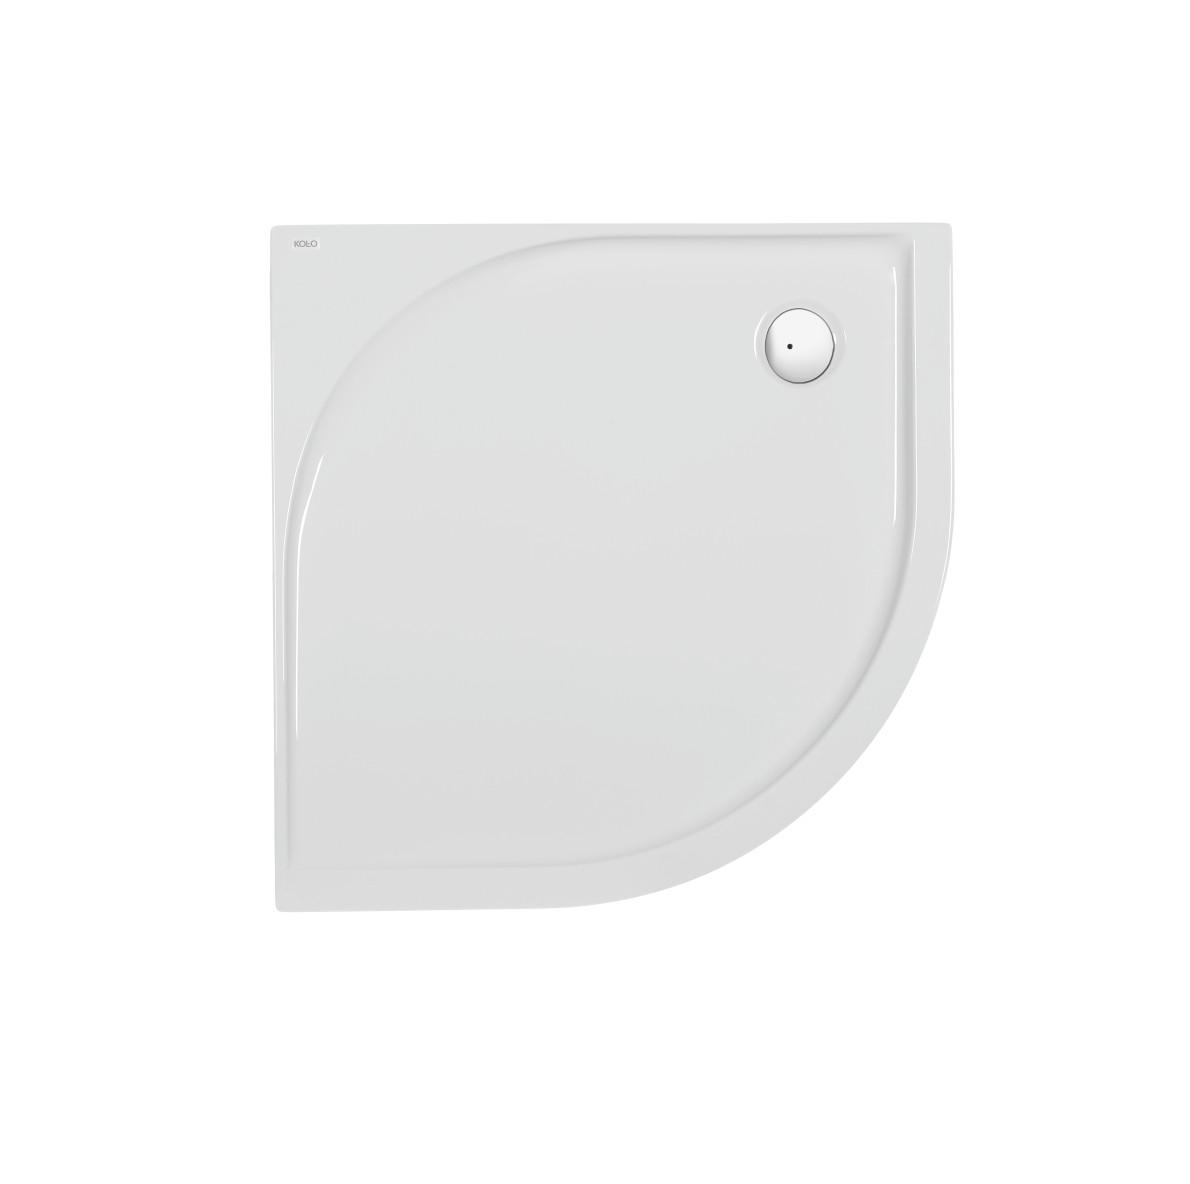 Pacyfik Поддон полукруглый 90x90 см, глубина 5 см, выпуск 90 мм